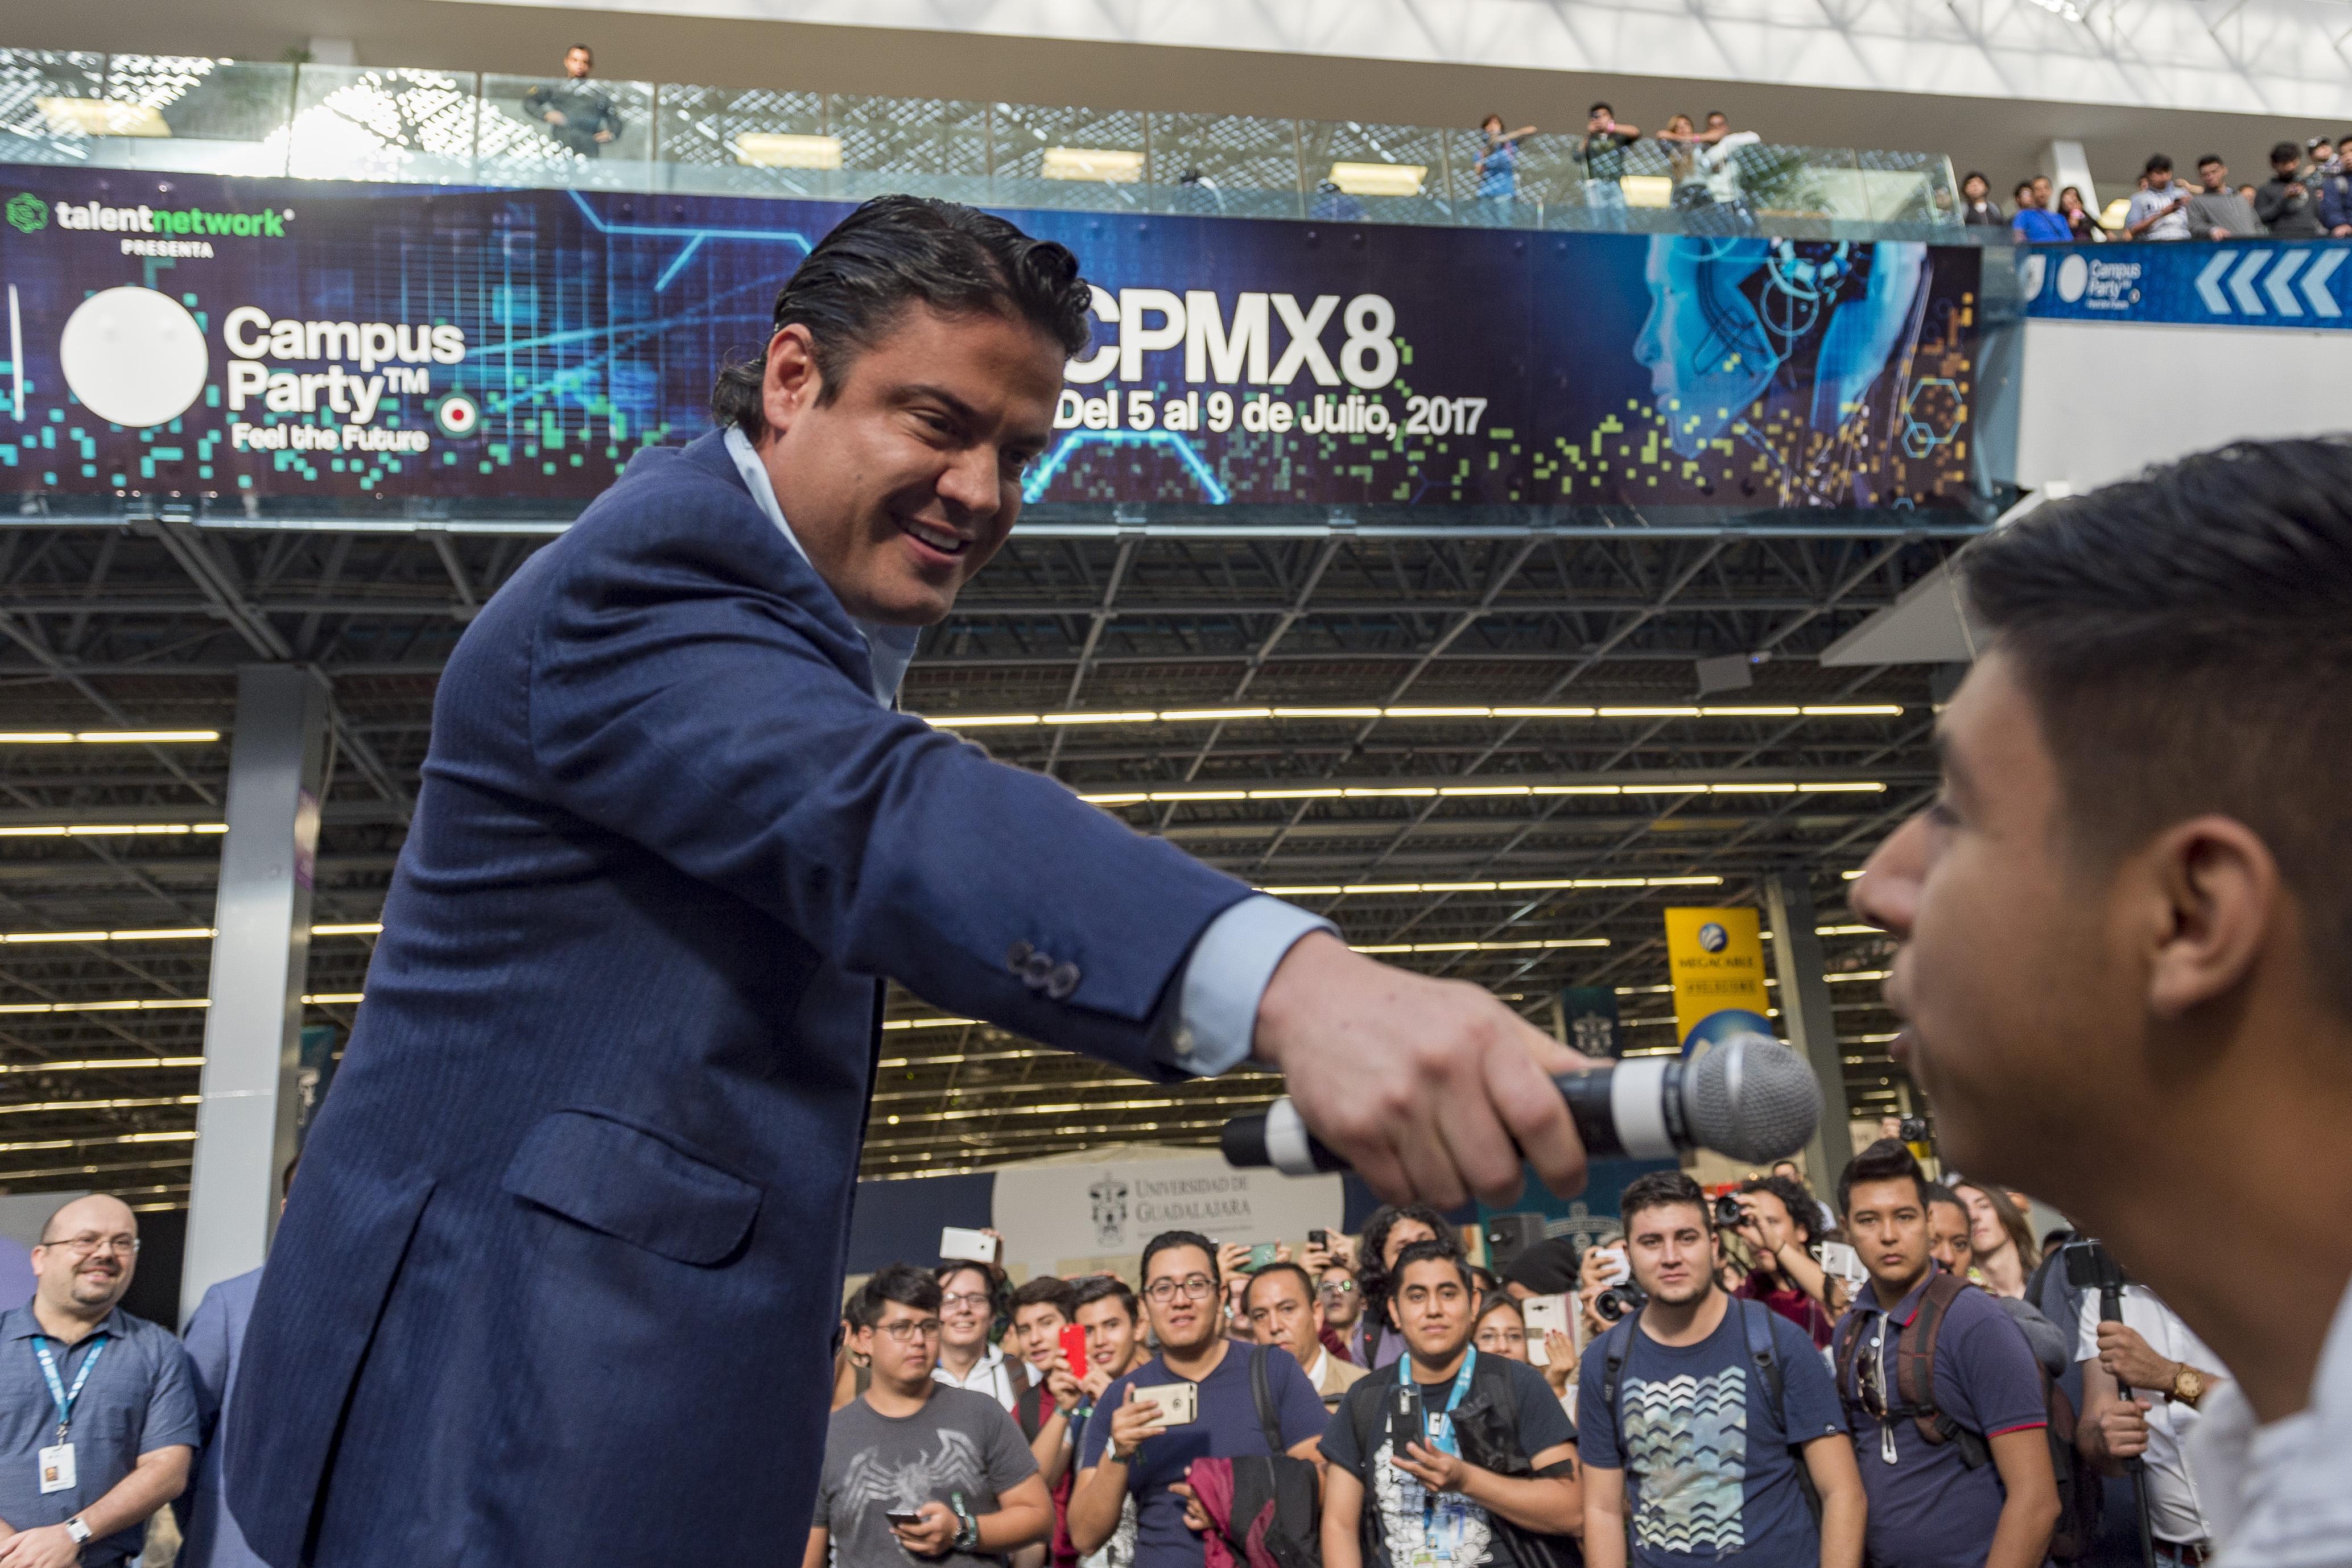 maestro Jorge Aristóteles Sandoval Díaz cediendo el uso de la palabra a campusero